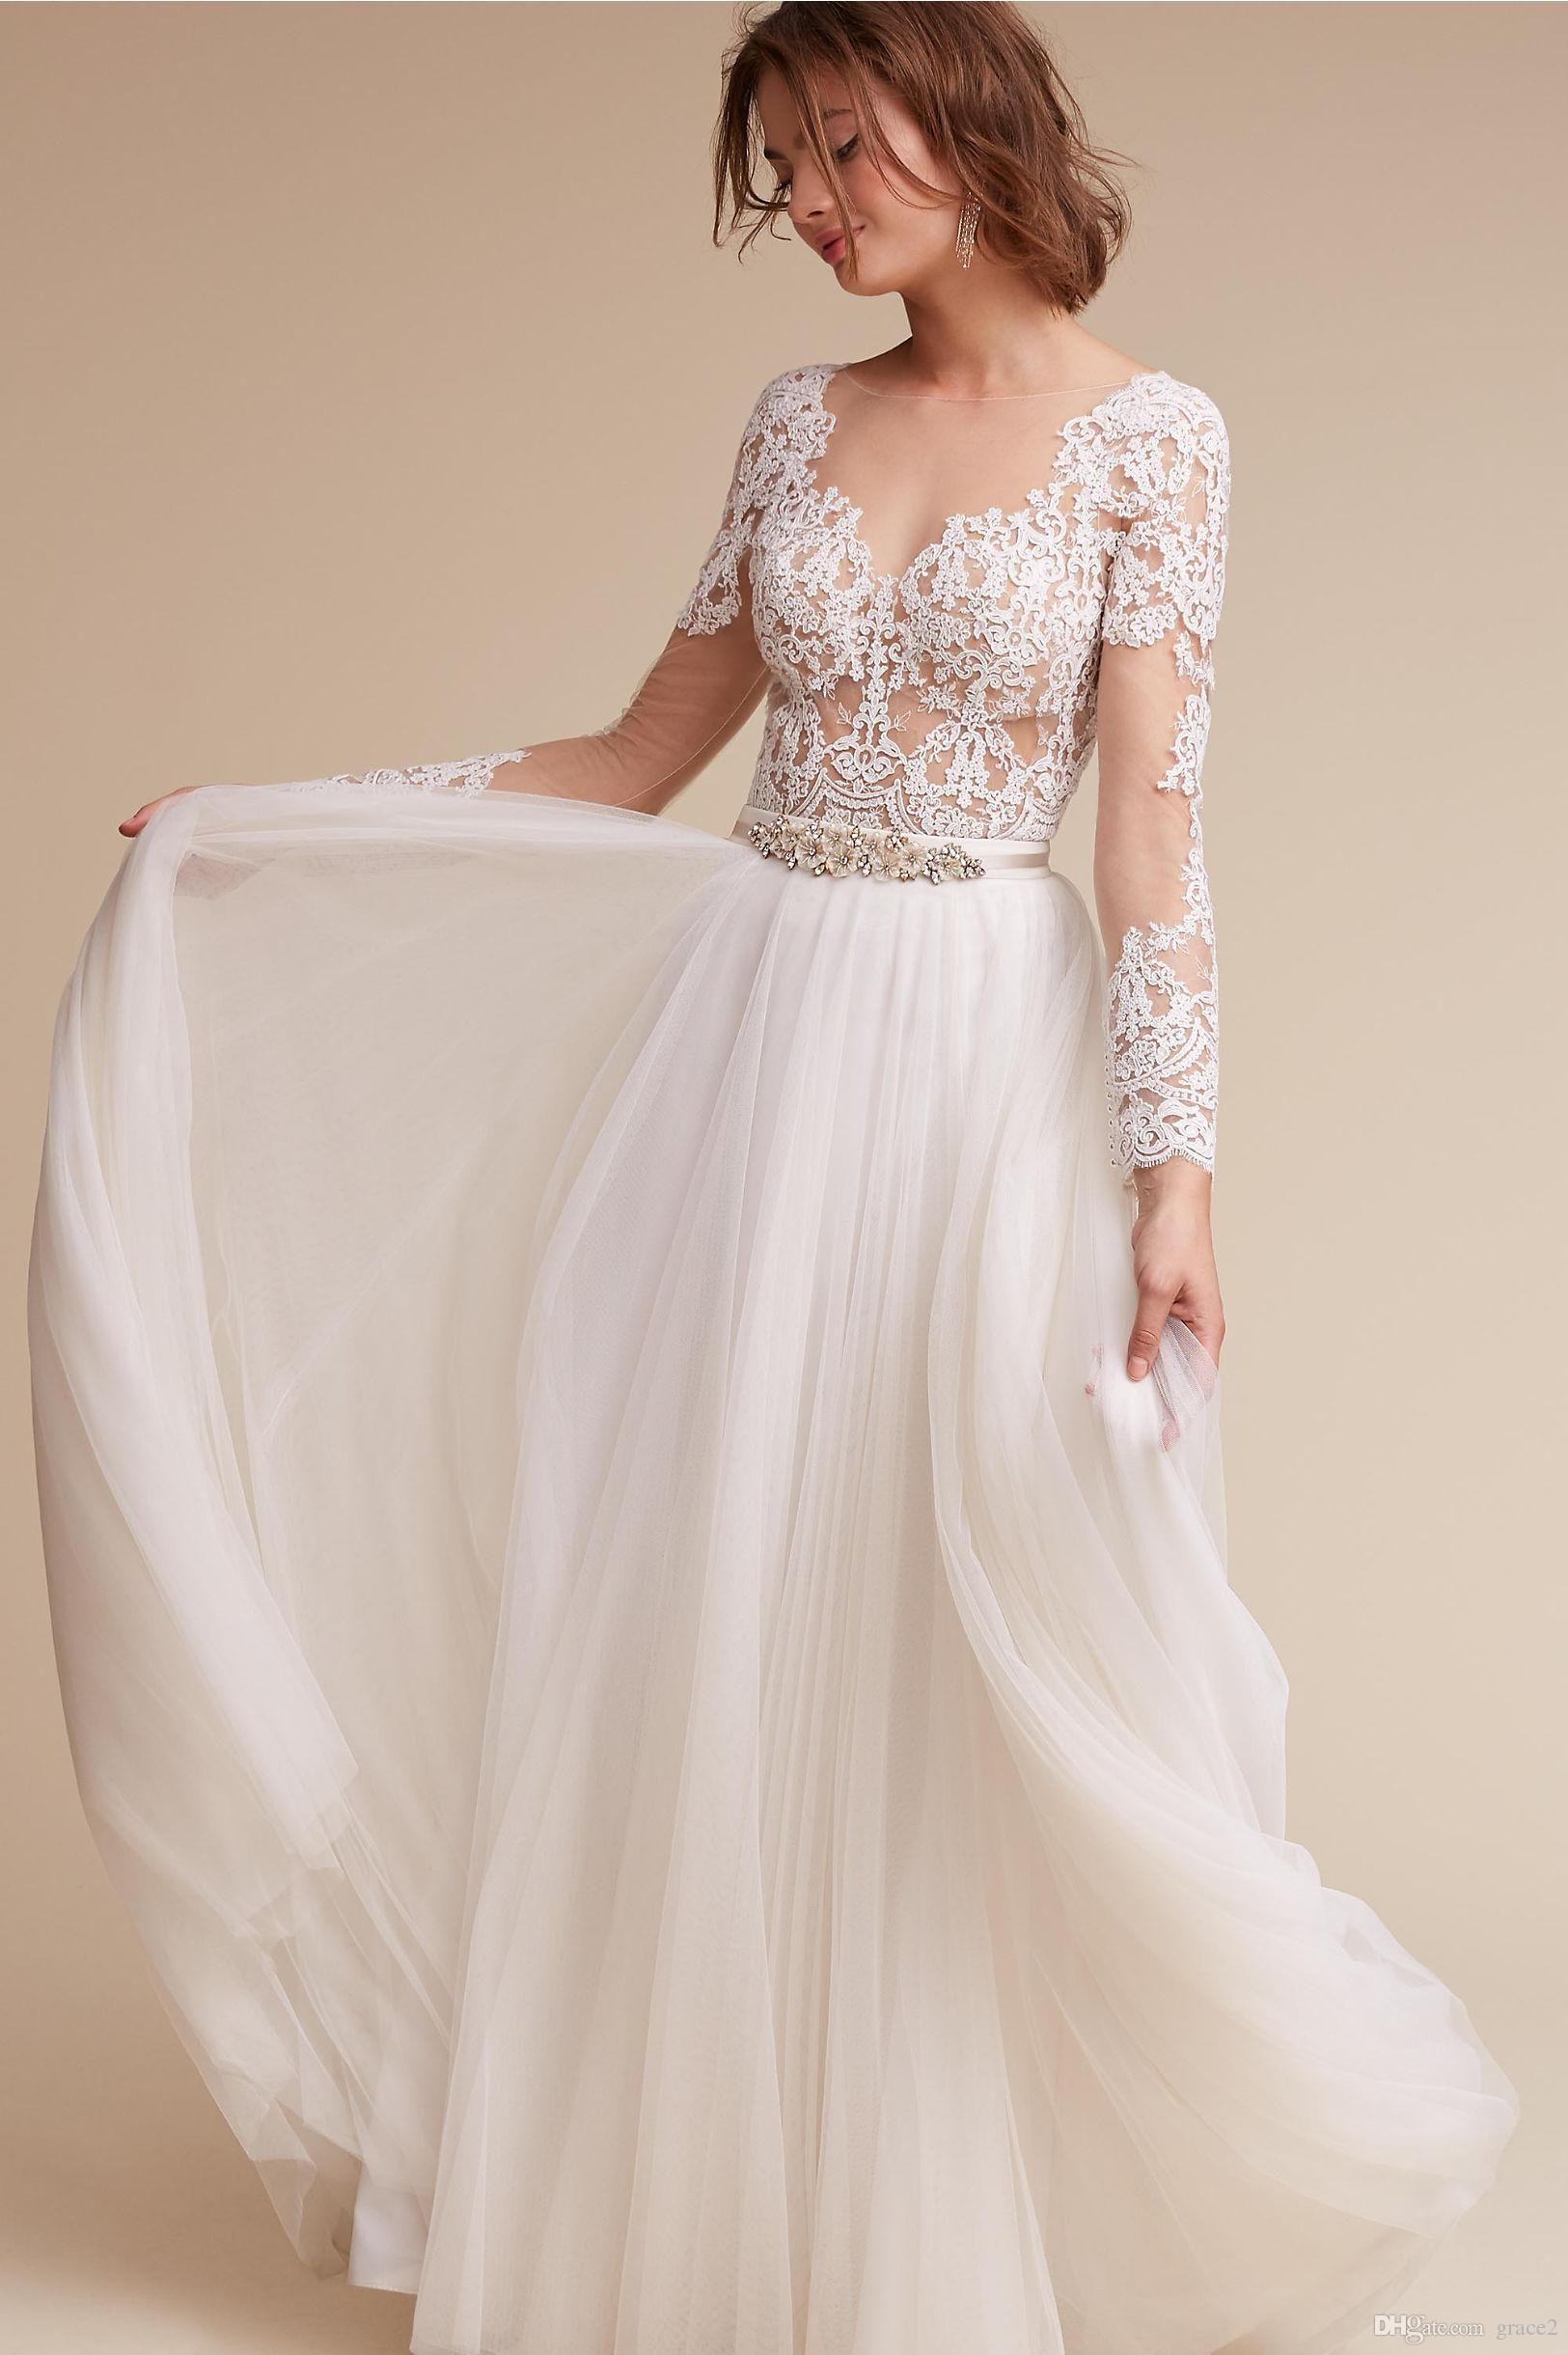 Boho Wedding Dresses 2017 Bhldn with Illusion Neck Ivory